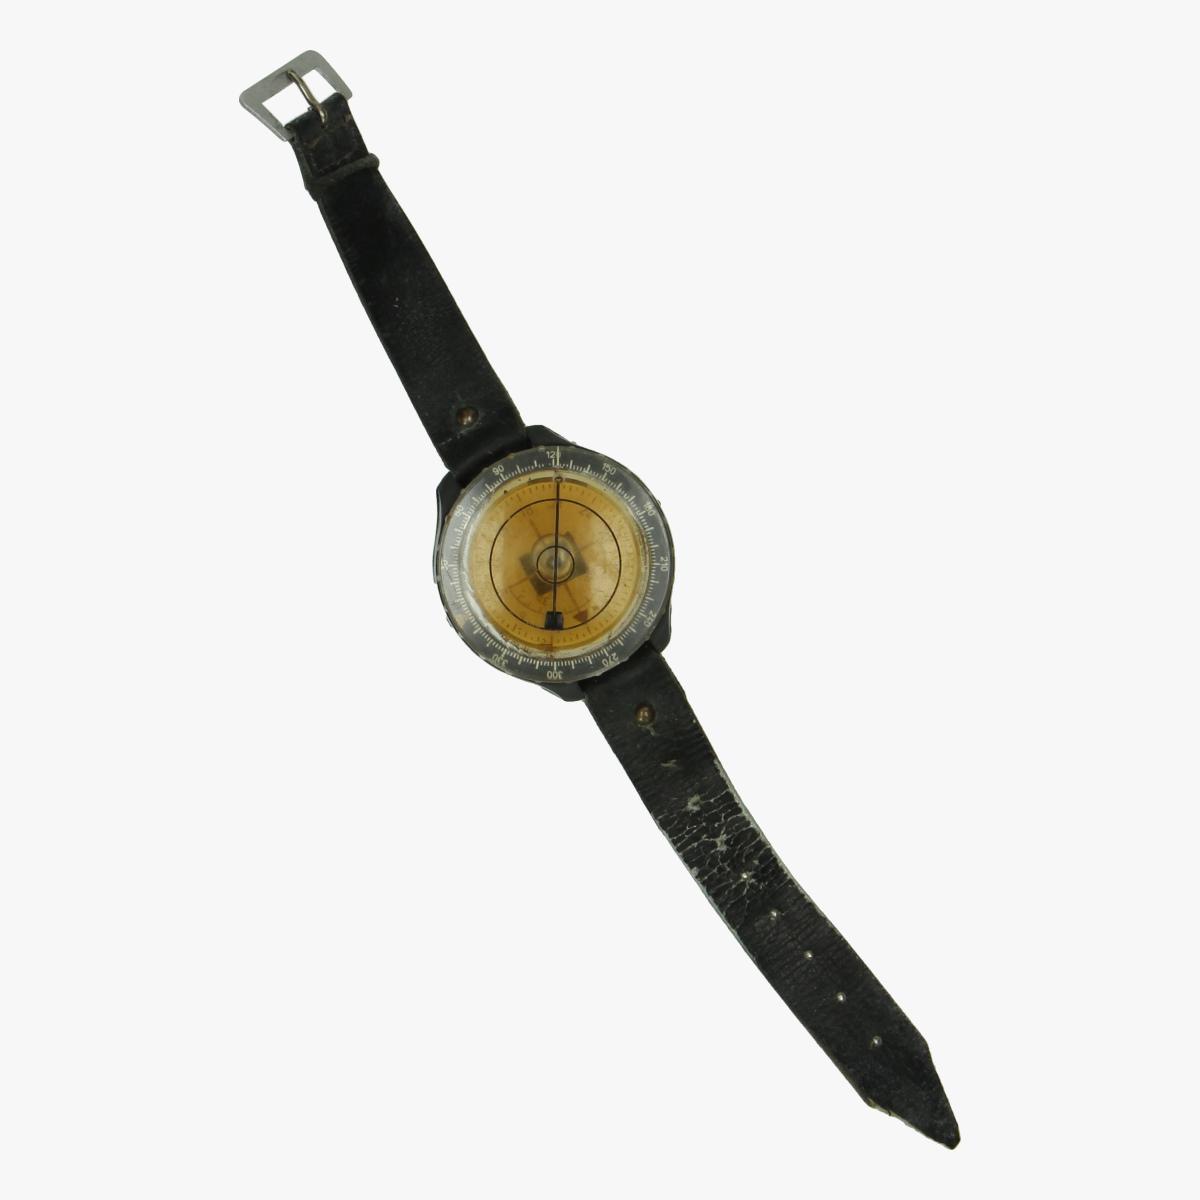 Afbeeldingen van Kompas piloot - armkompas